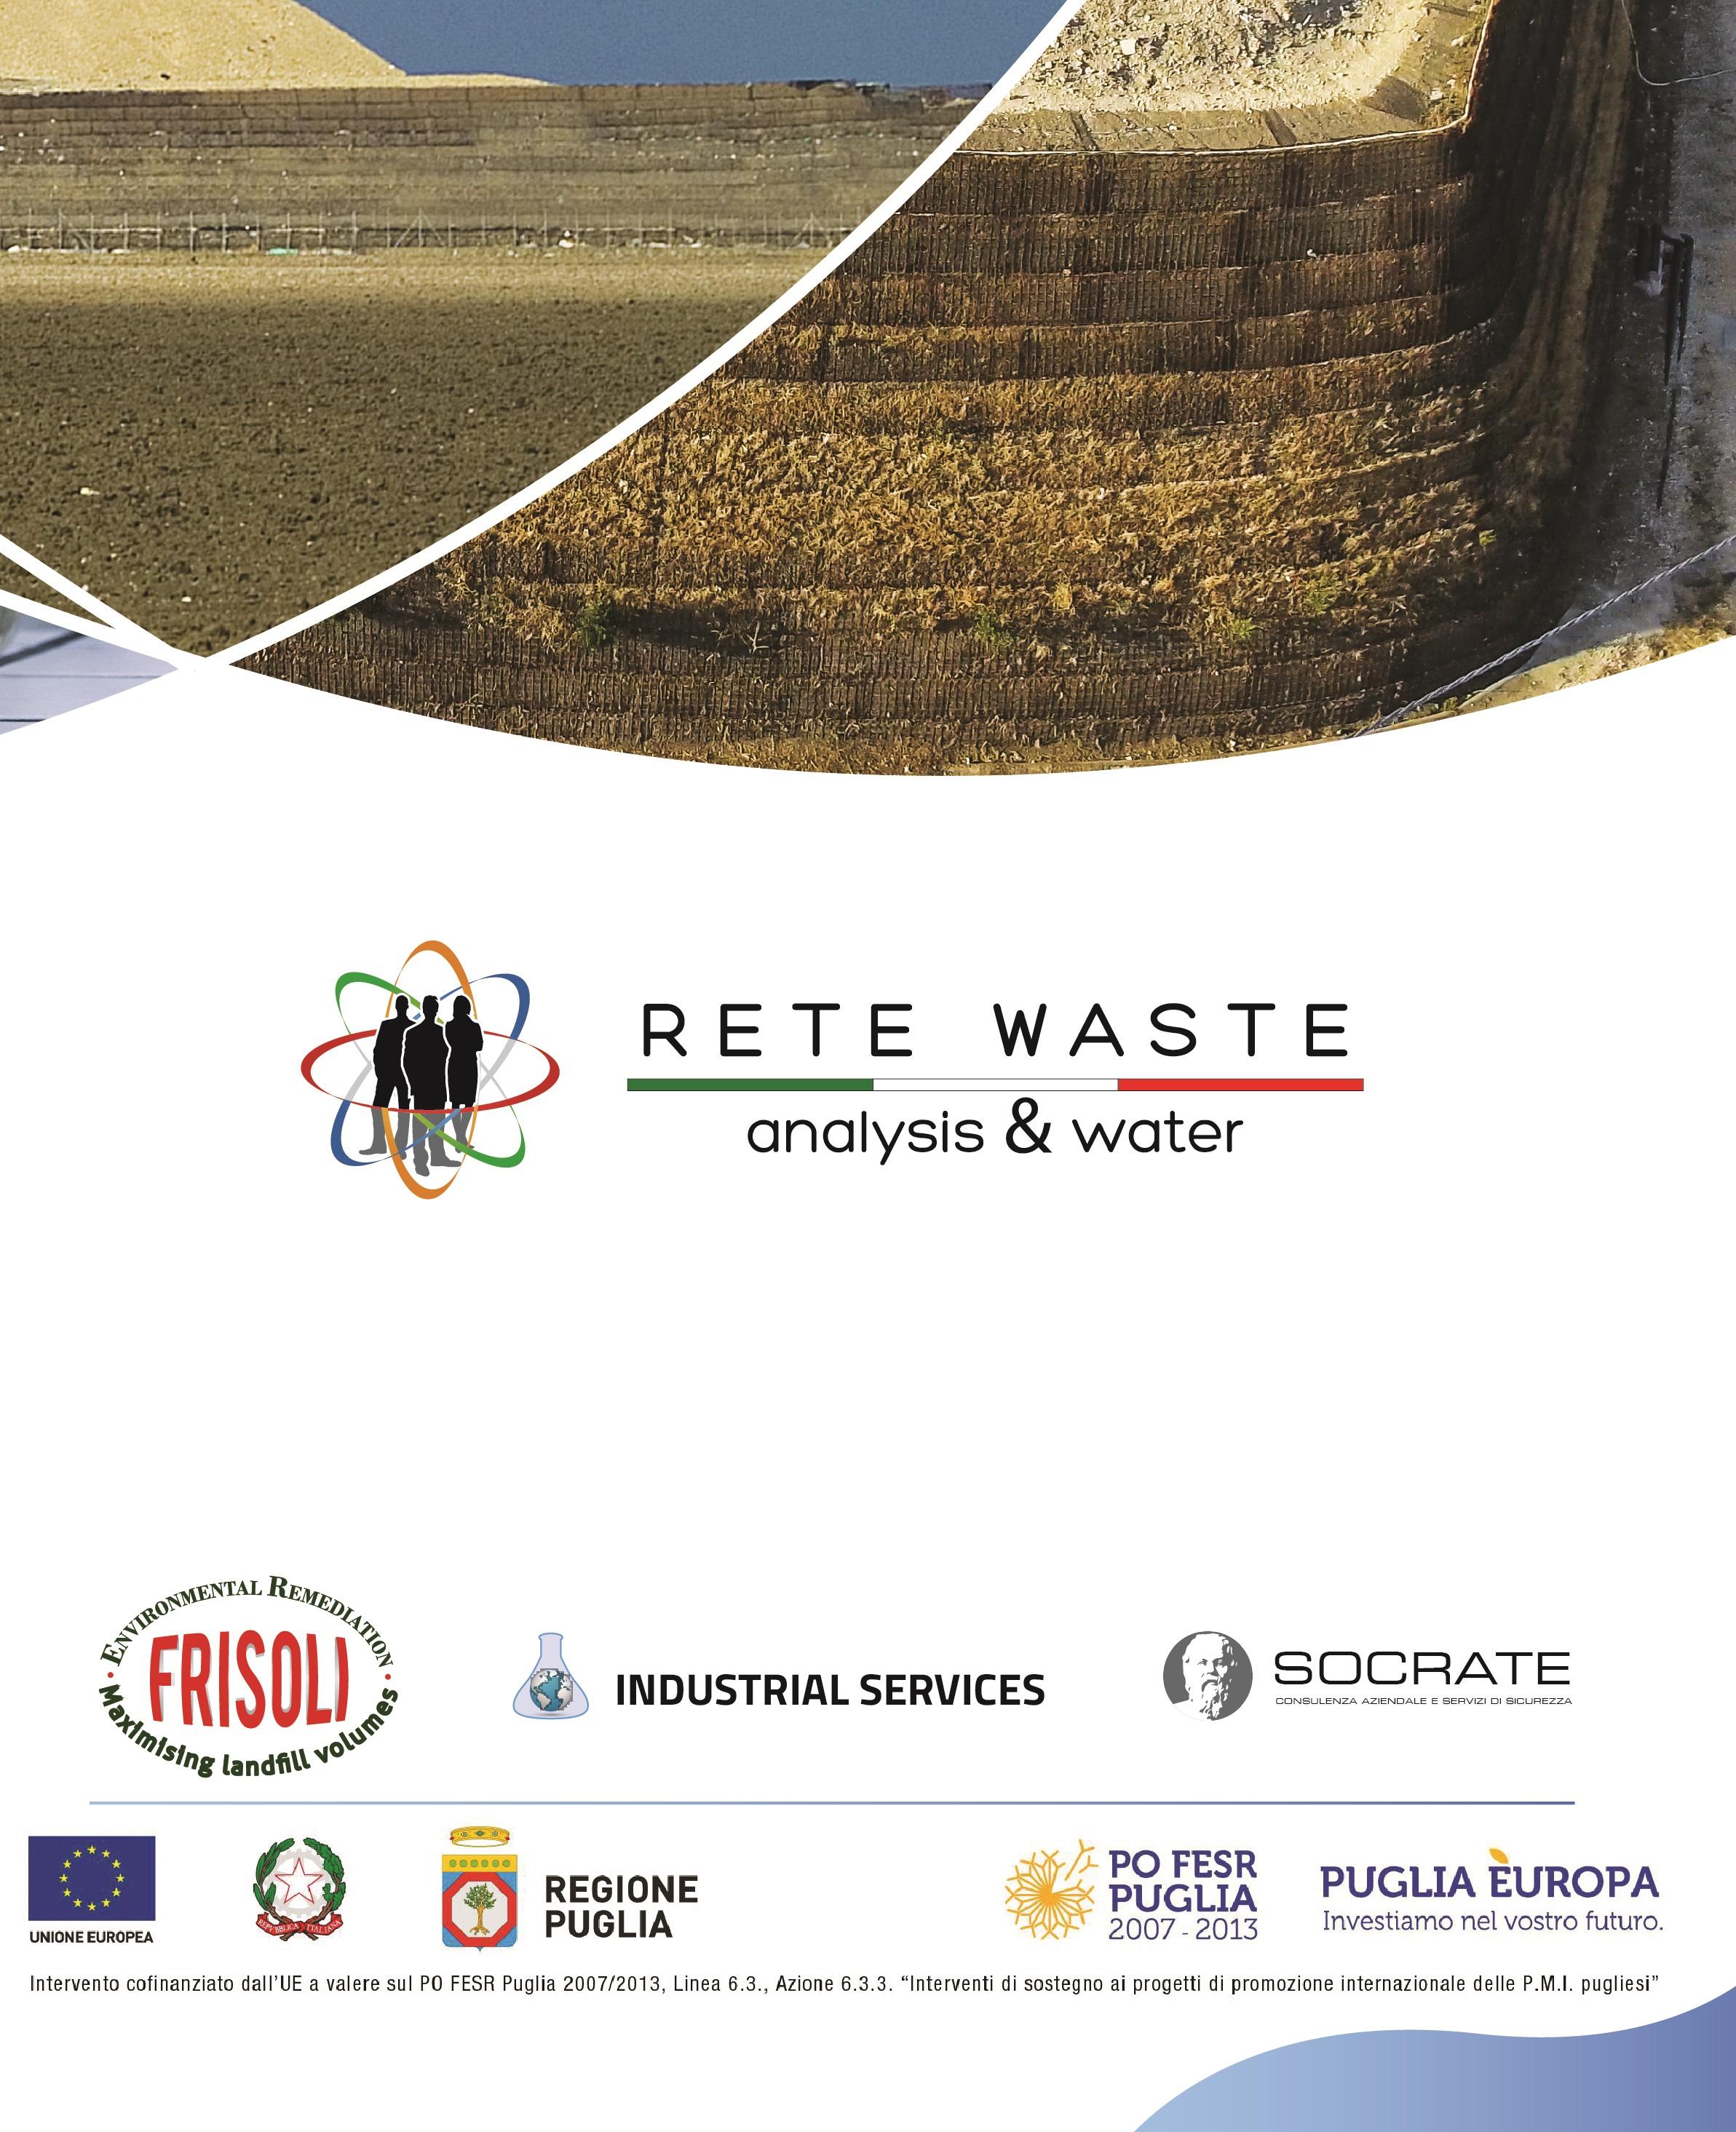 Rete Waste Analysis & Water